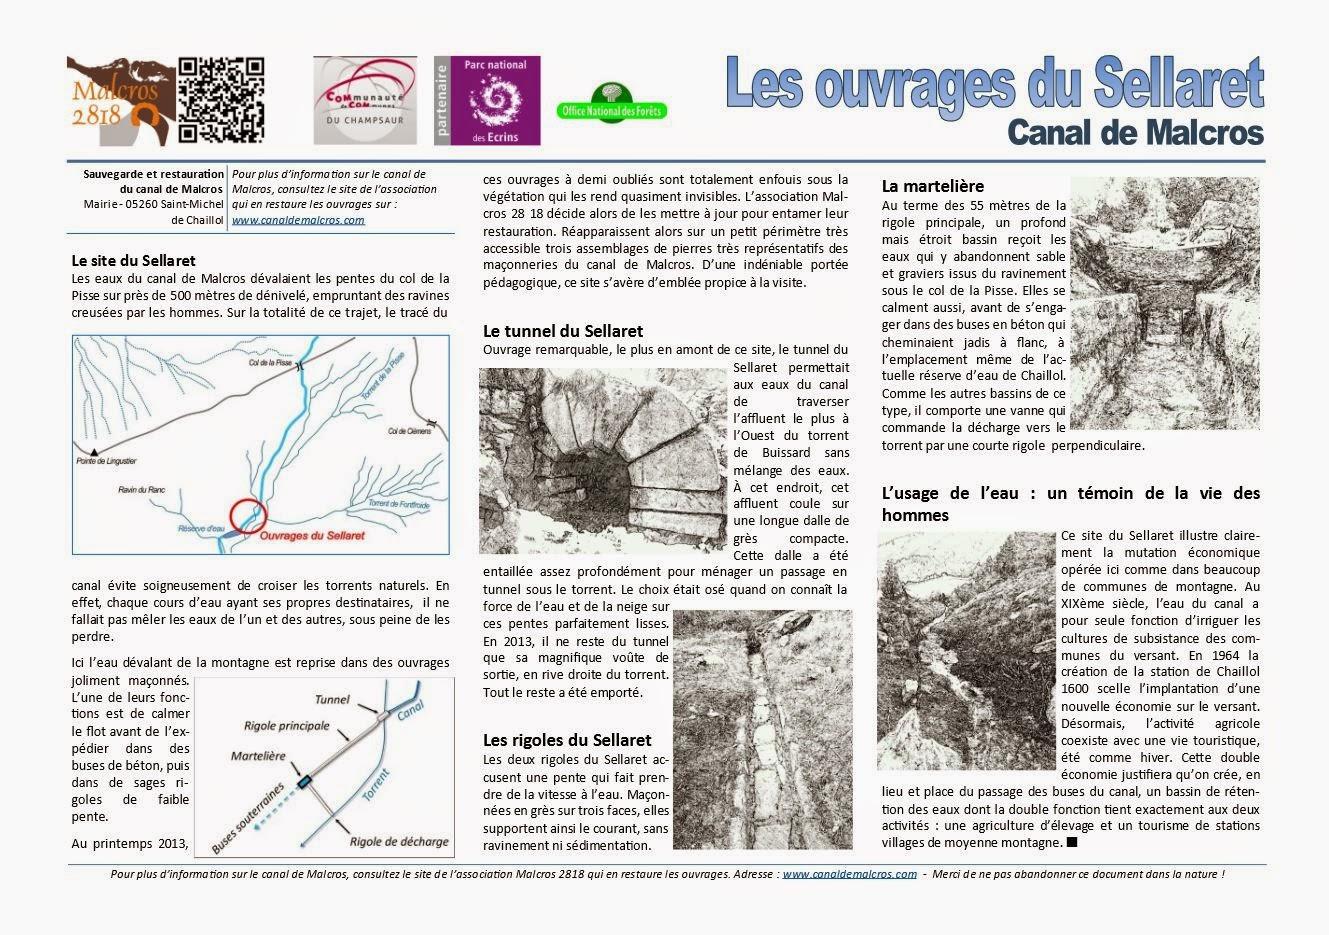 http://www.canaldemalcros.com/docs/A4_Les_ouvrages_du_Sellaret.pdf